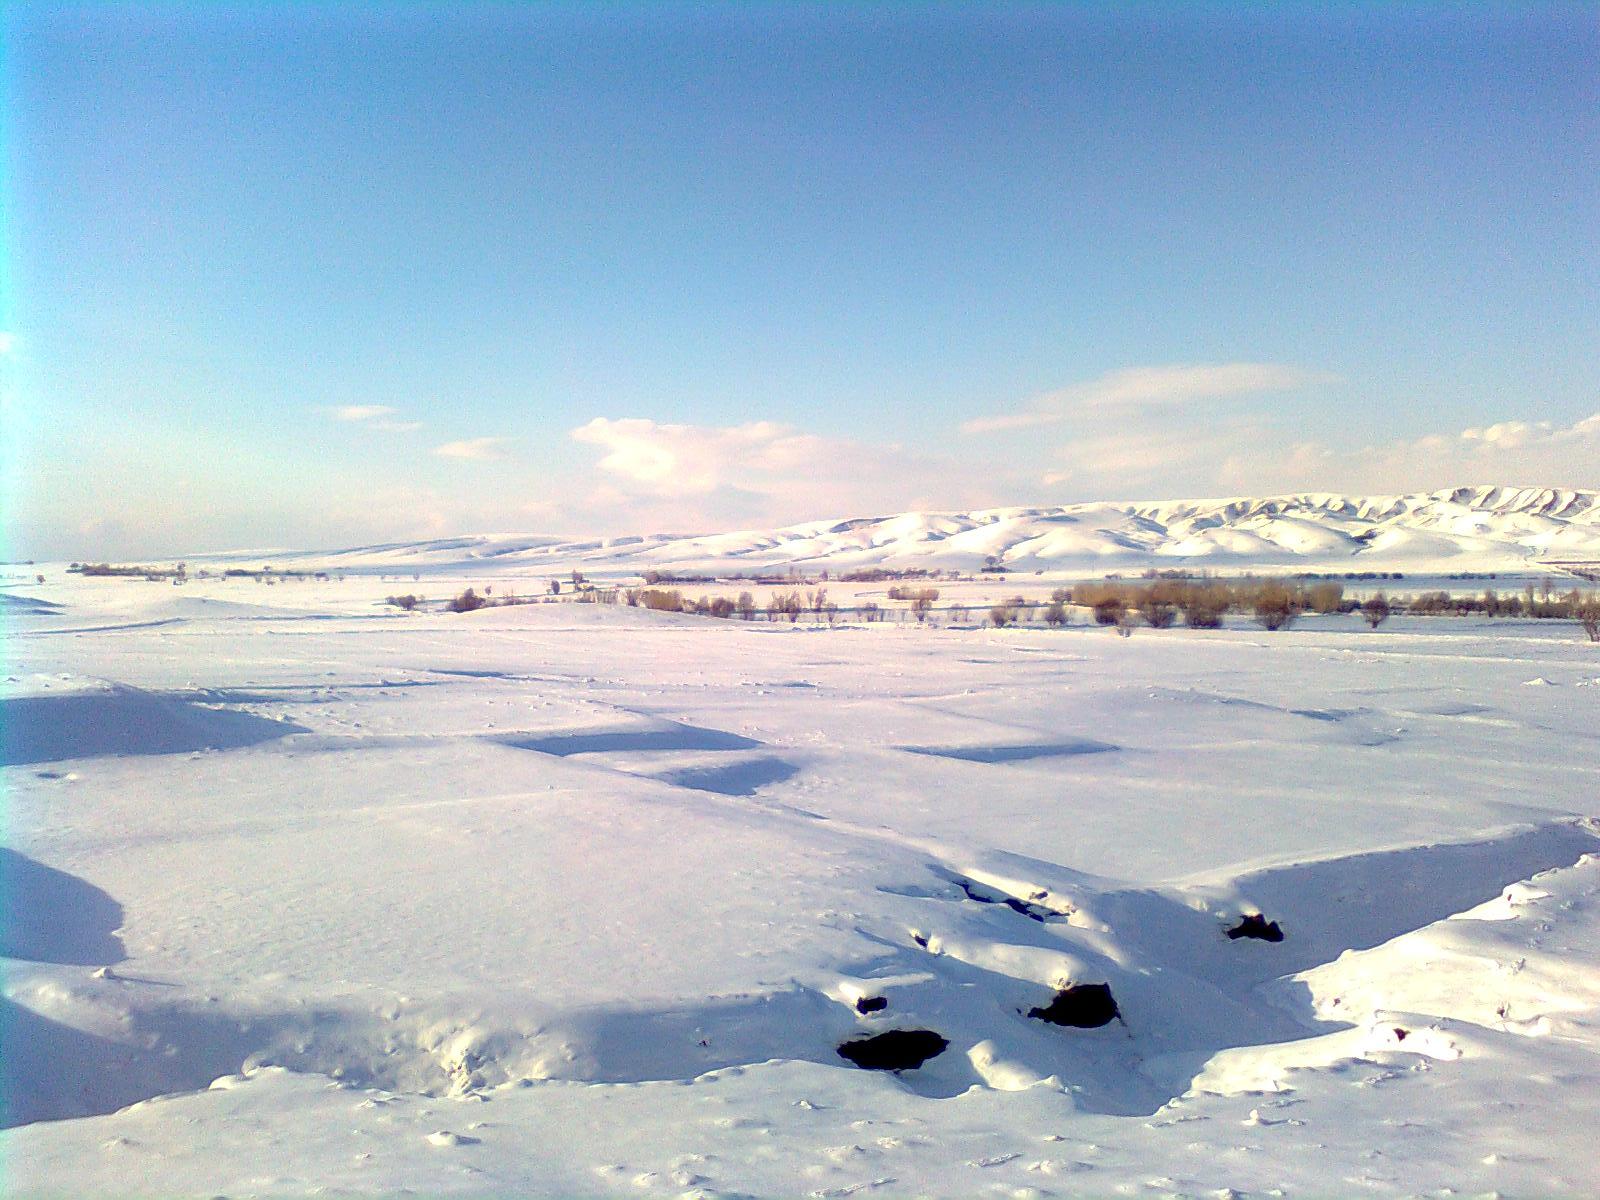 طبیعت زمستانی دانباران